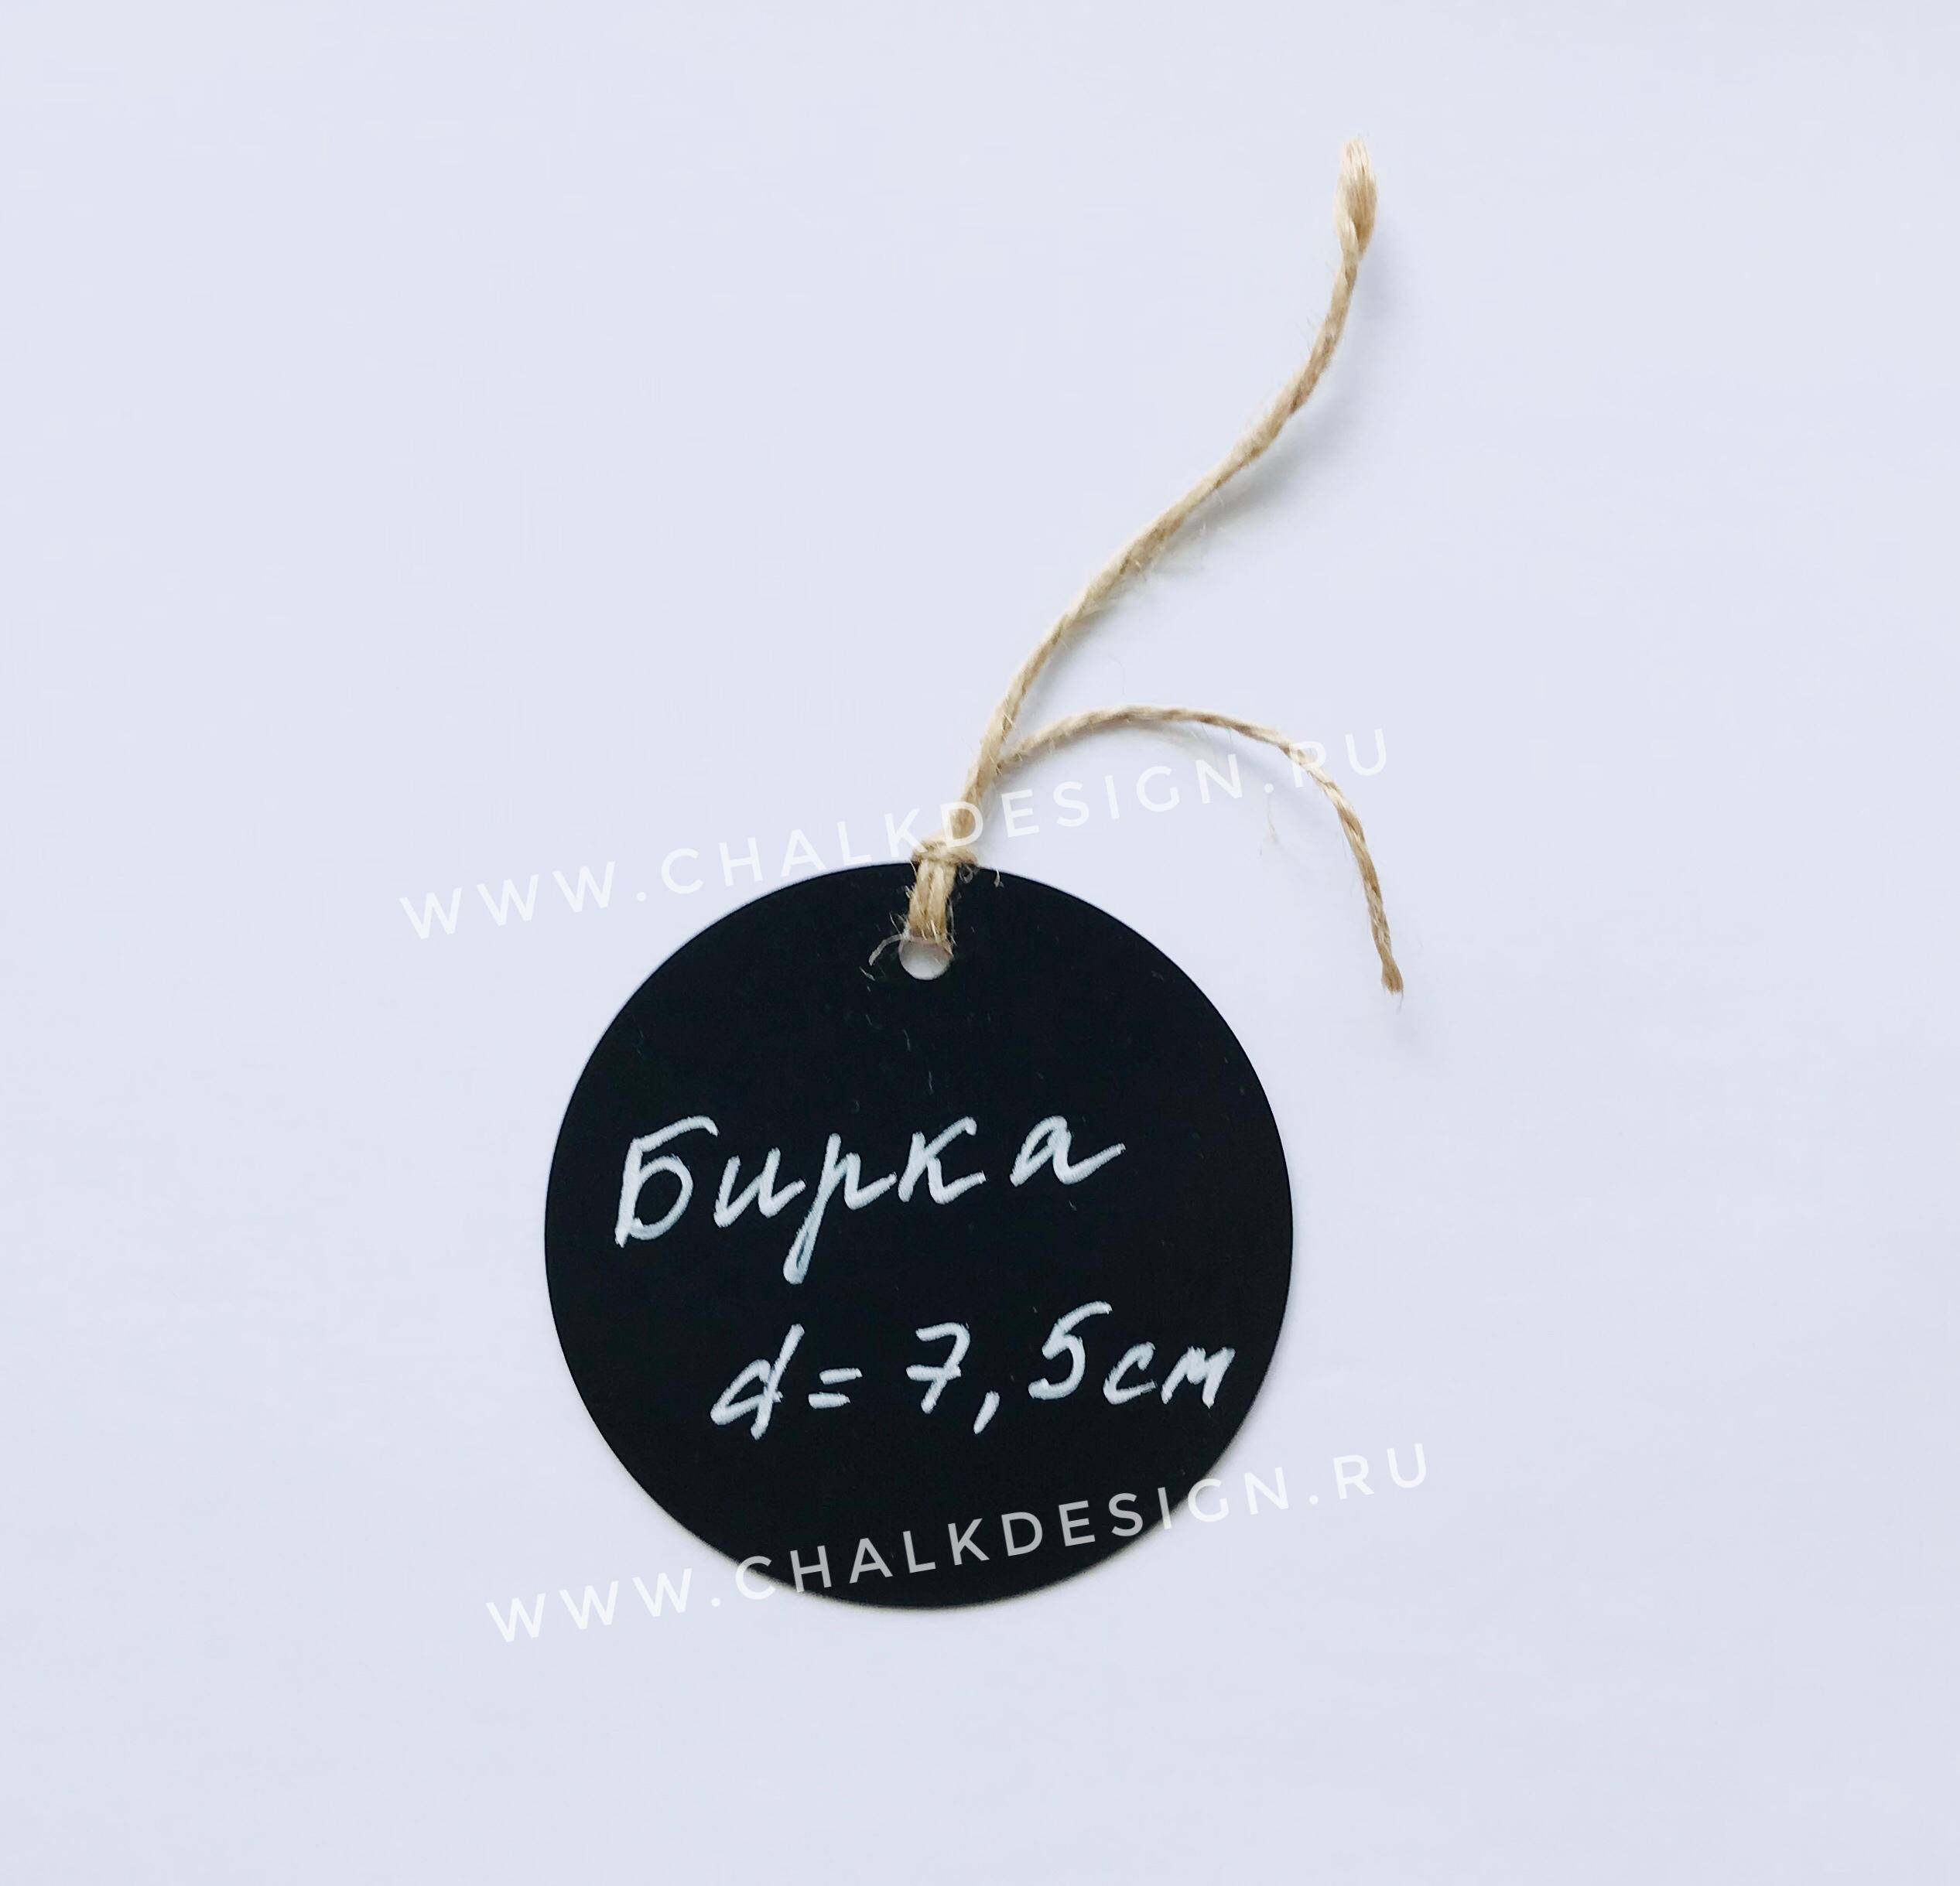 Бирка ценник круглая 7,5см мелованная (1